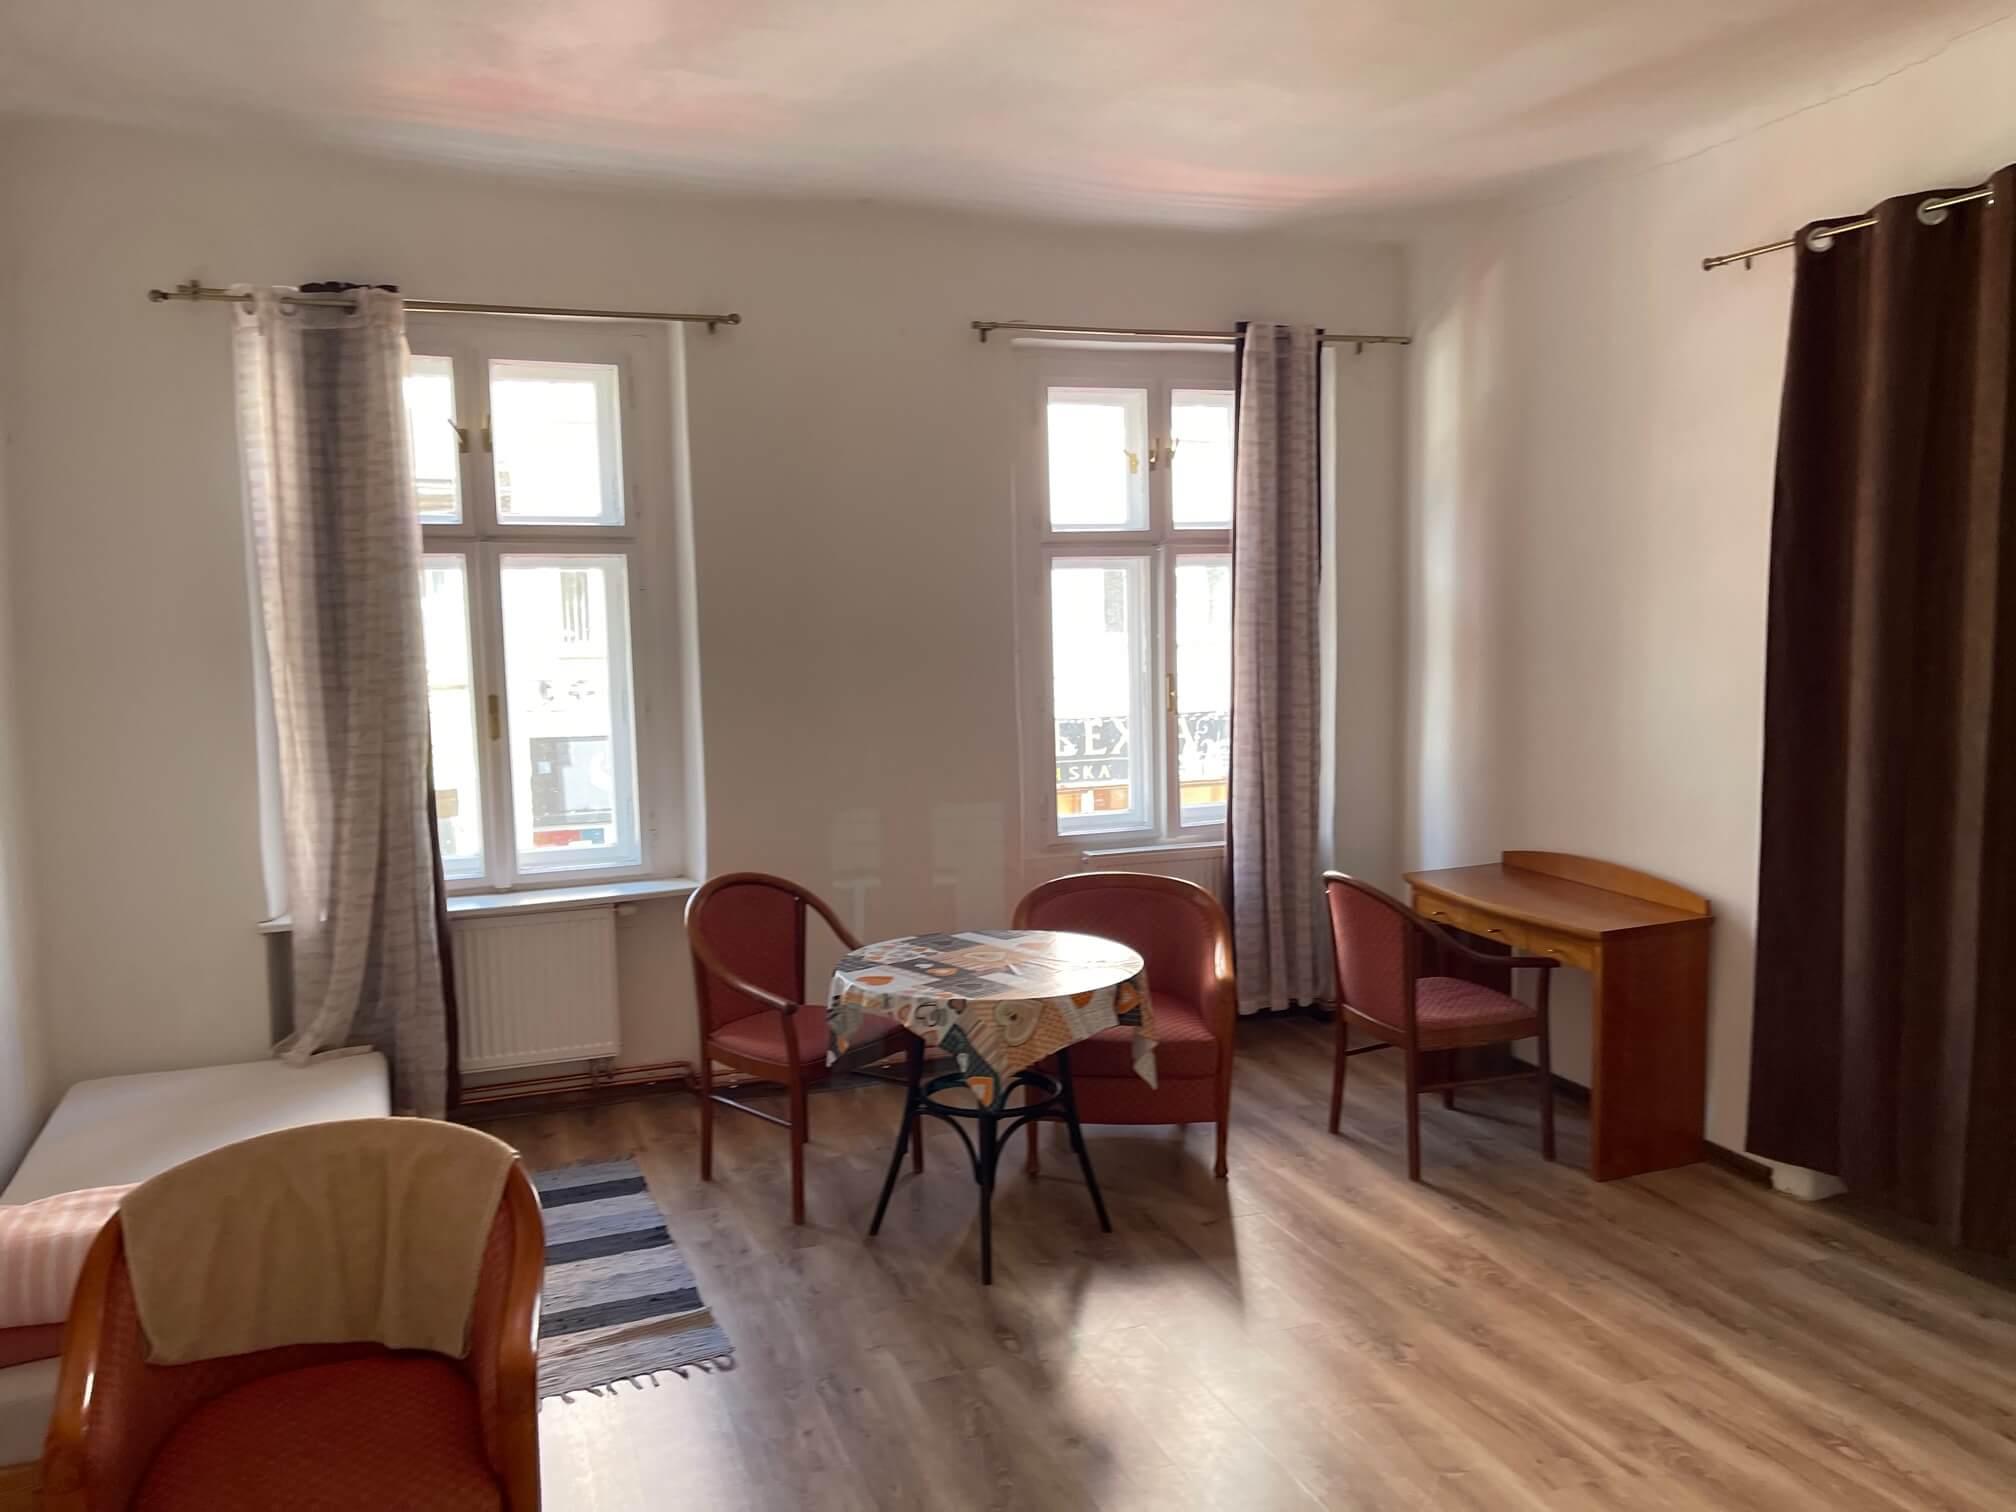 Exkluzívne na prenájom 4 izbový byt,Centrum,Obchodná ulica 36, plocha 130m2,zariadený,aj jednotlivo izby-14